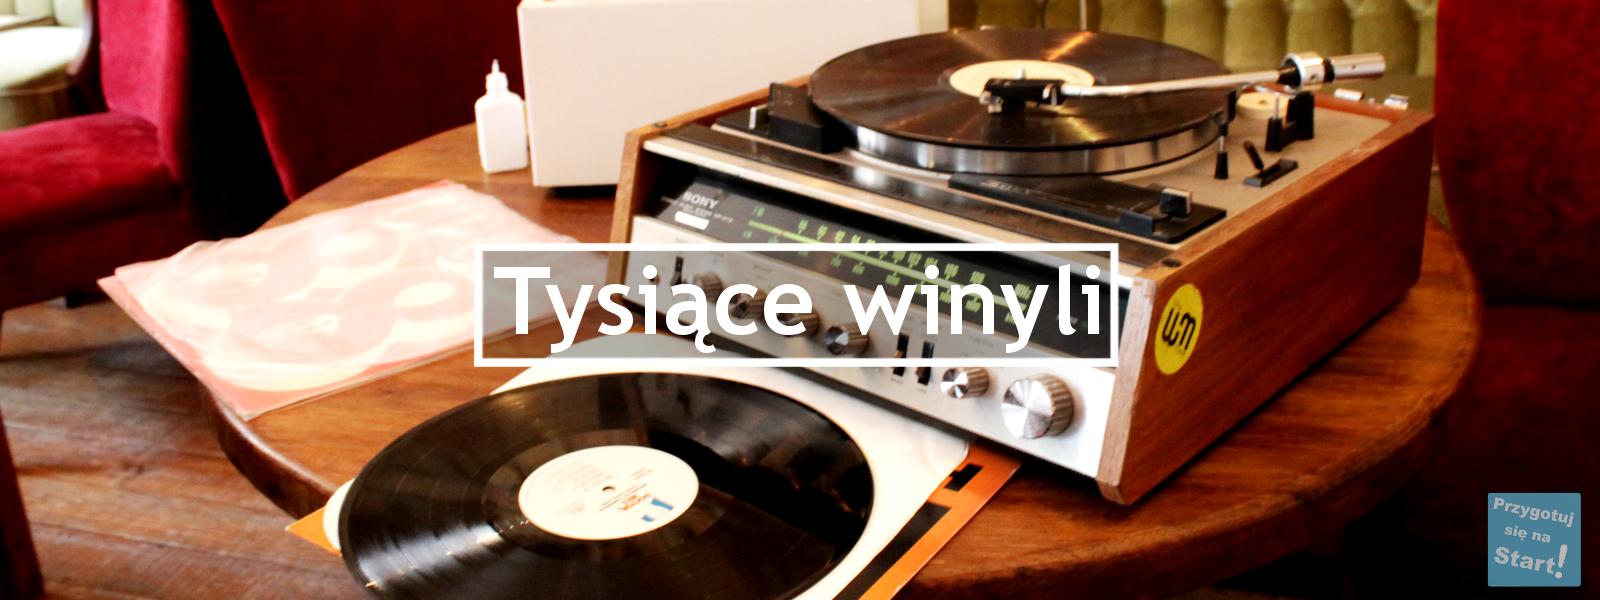 Czym jest społeczność Tysiąca Winyli? Jakie płyty można znaleźć oraz jak wyglądają spotkania dla słuchaczy muzyki winylowej? Wydarzenia dla kolekcjonerów i pasjonatów winyli! Relacja z pabu Gram Off On w Białymstoku!